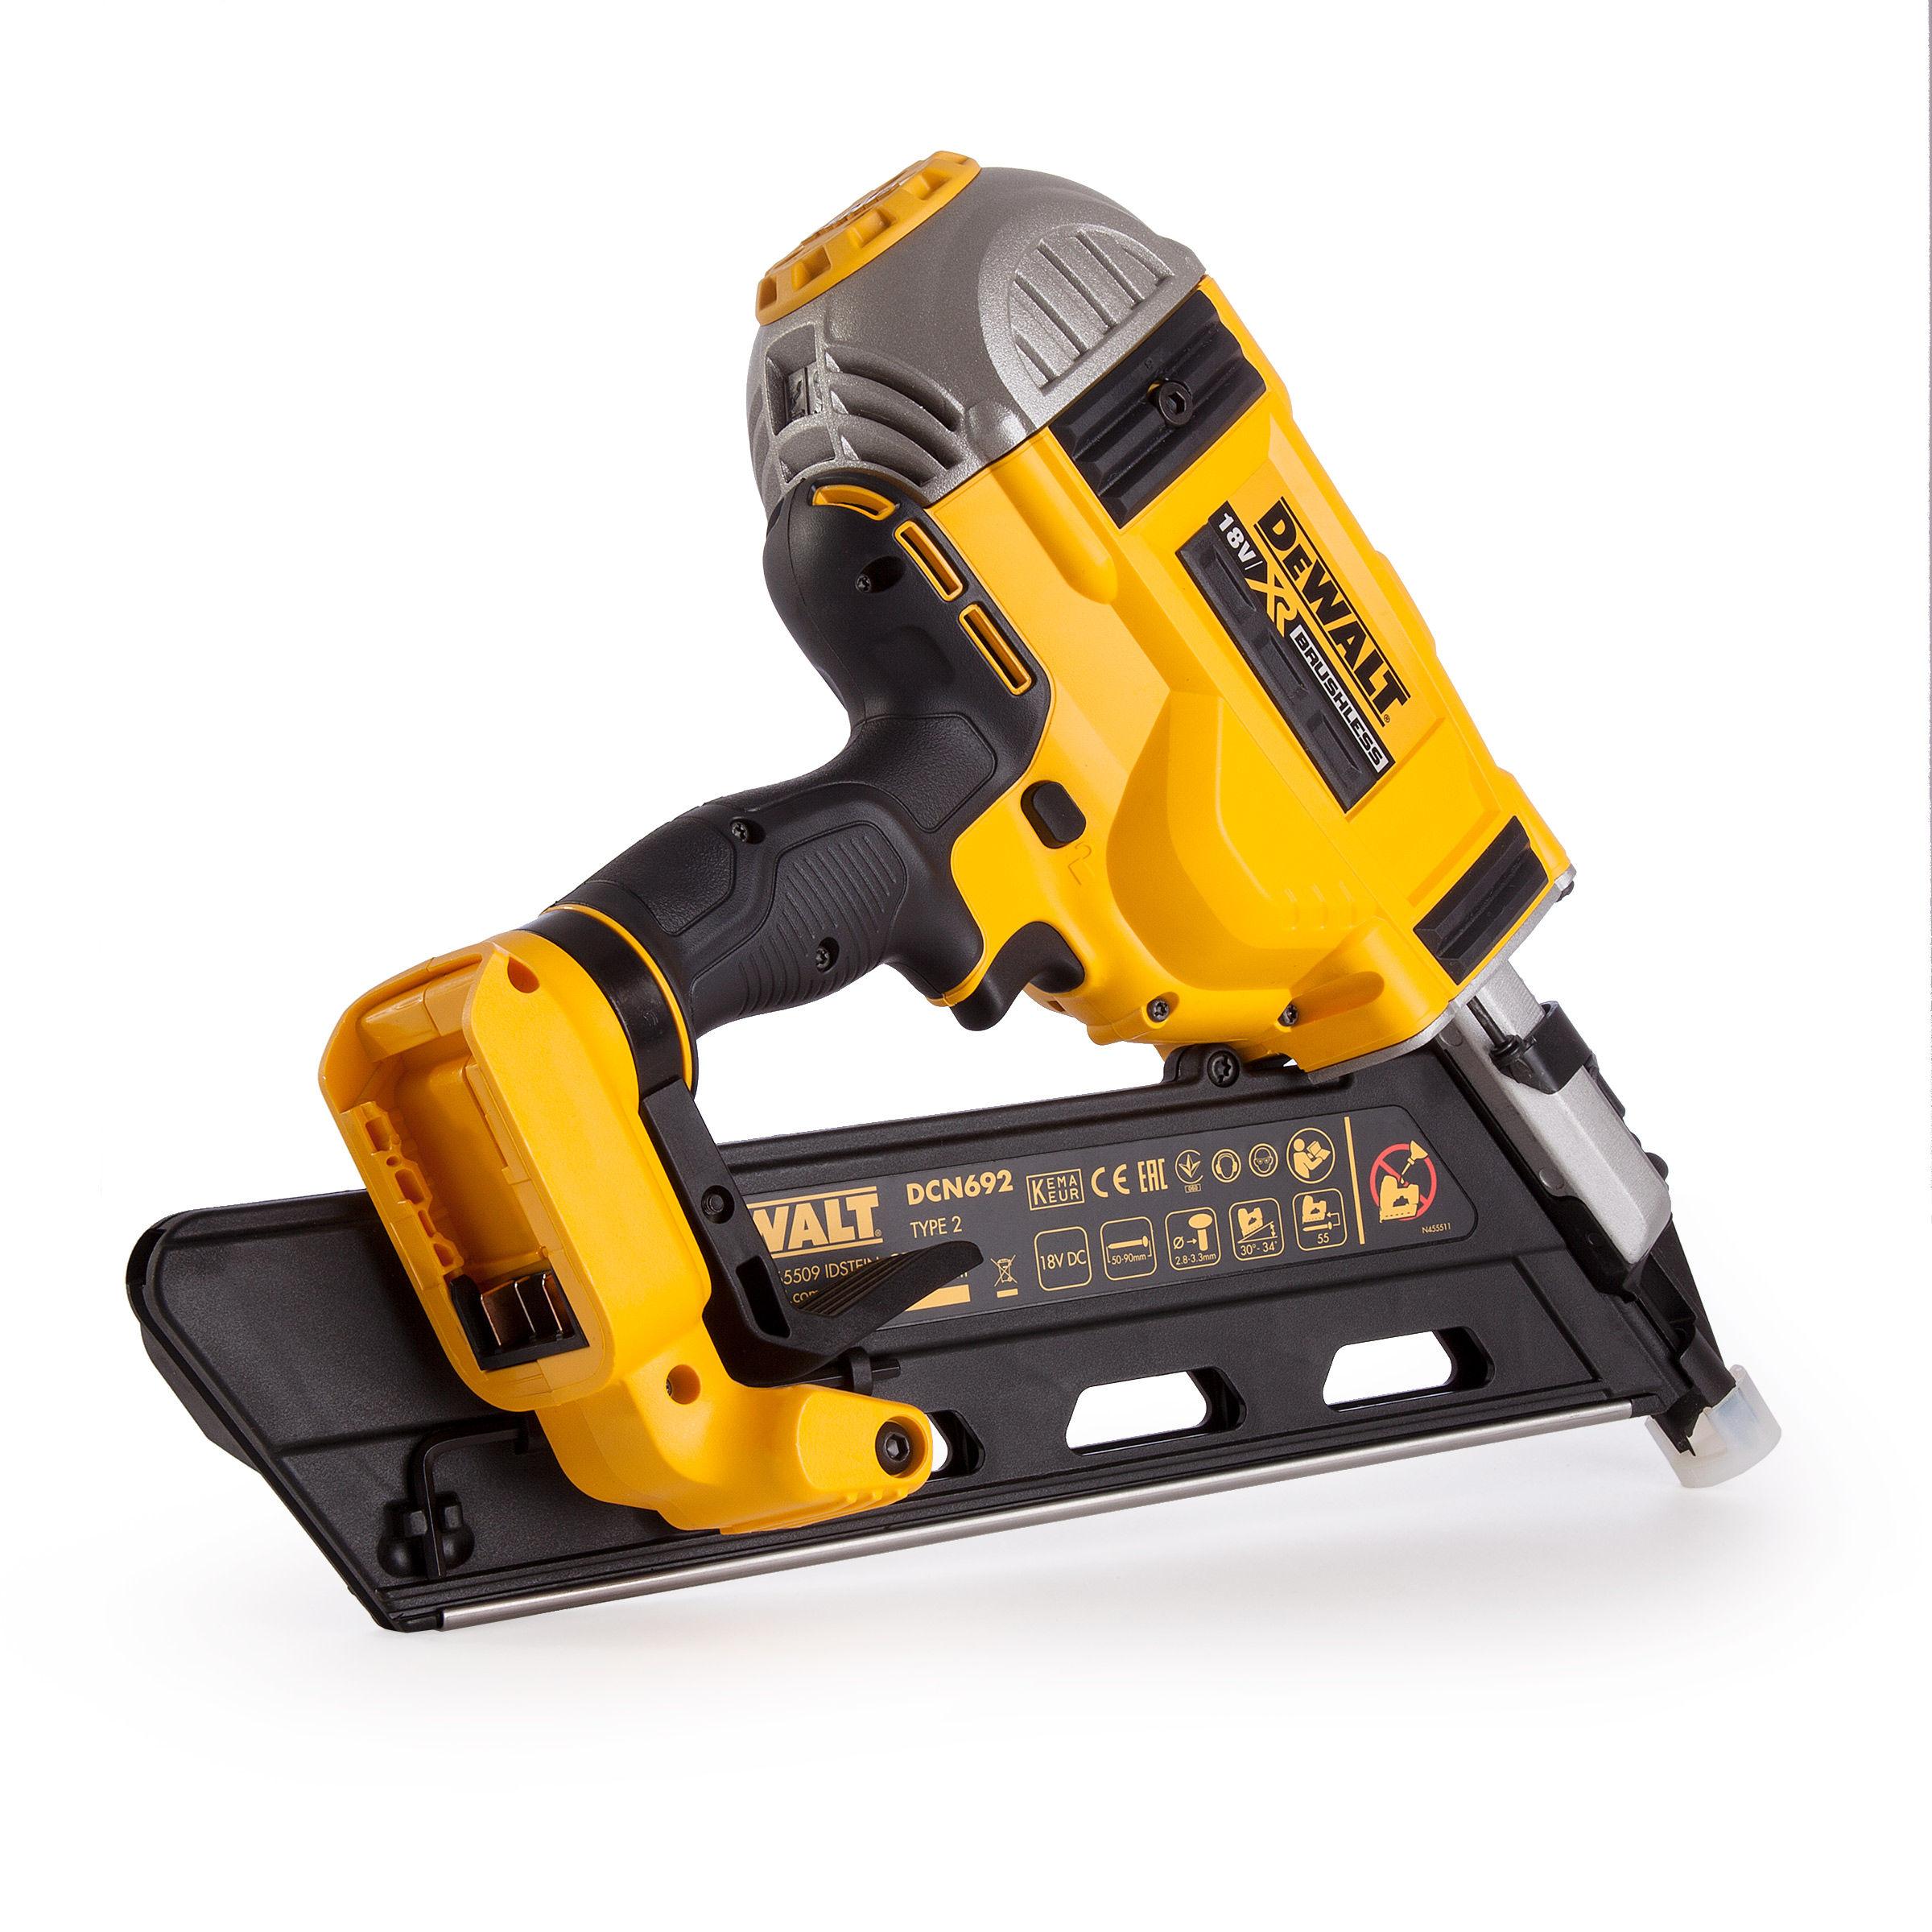 Toolstop Dewalt Dcn692n B 18v Xr Brushless Framing Nailer